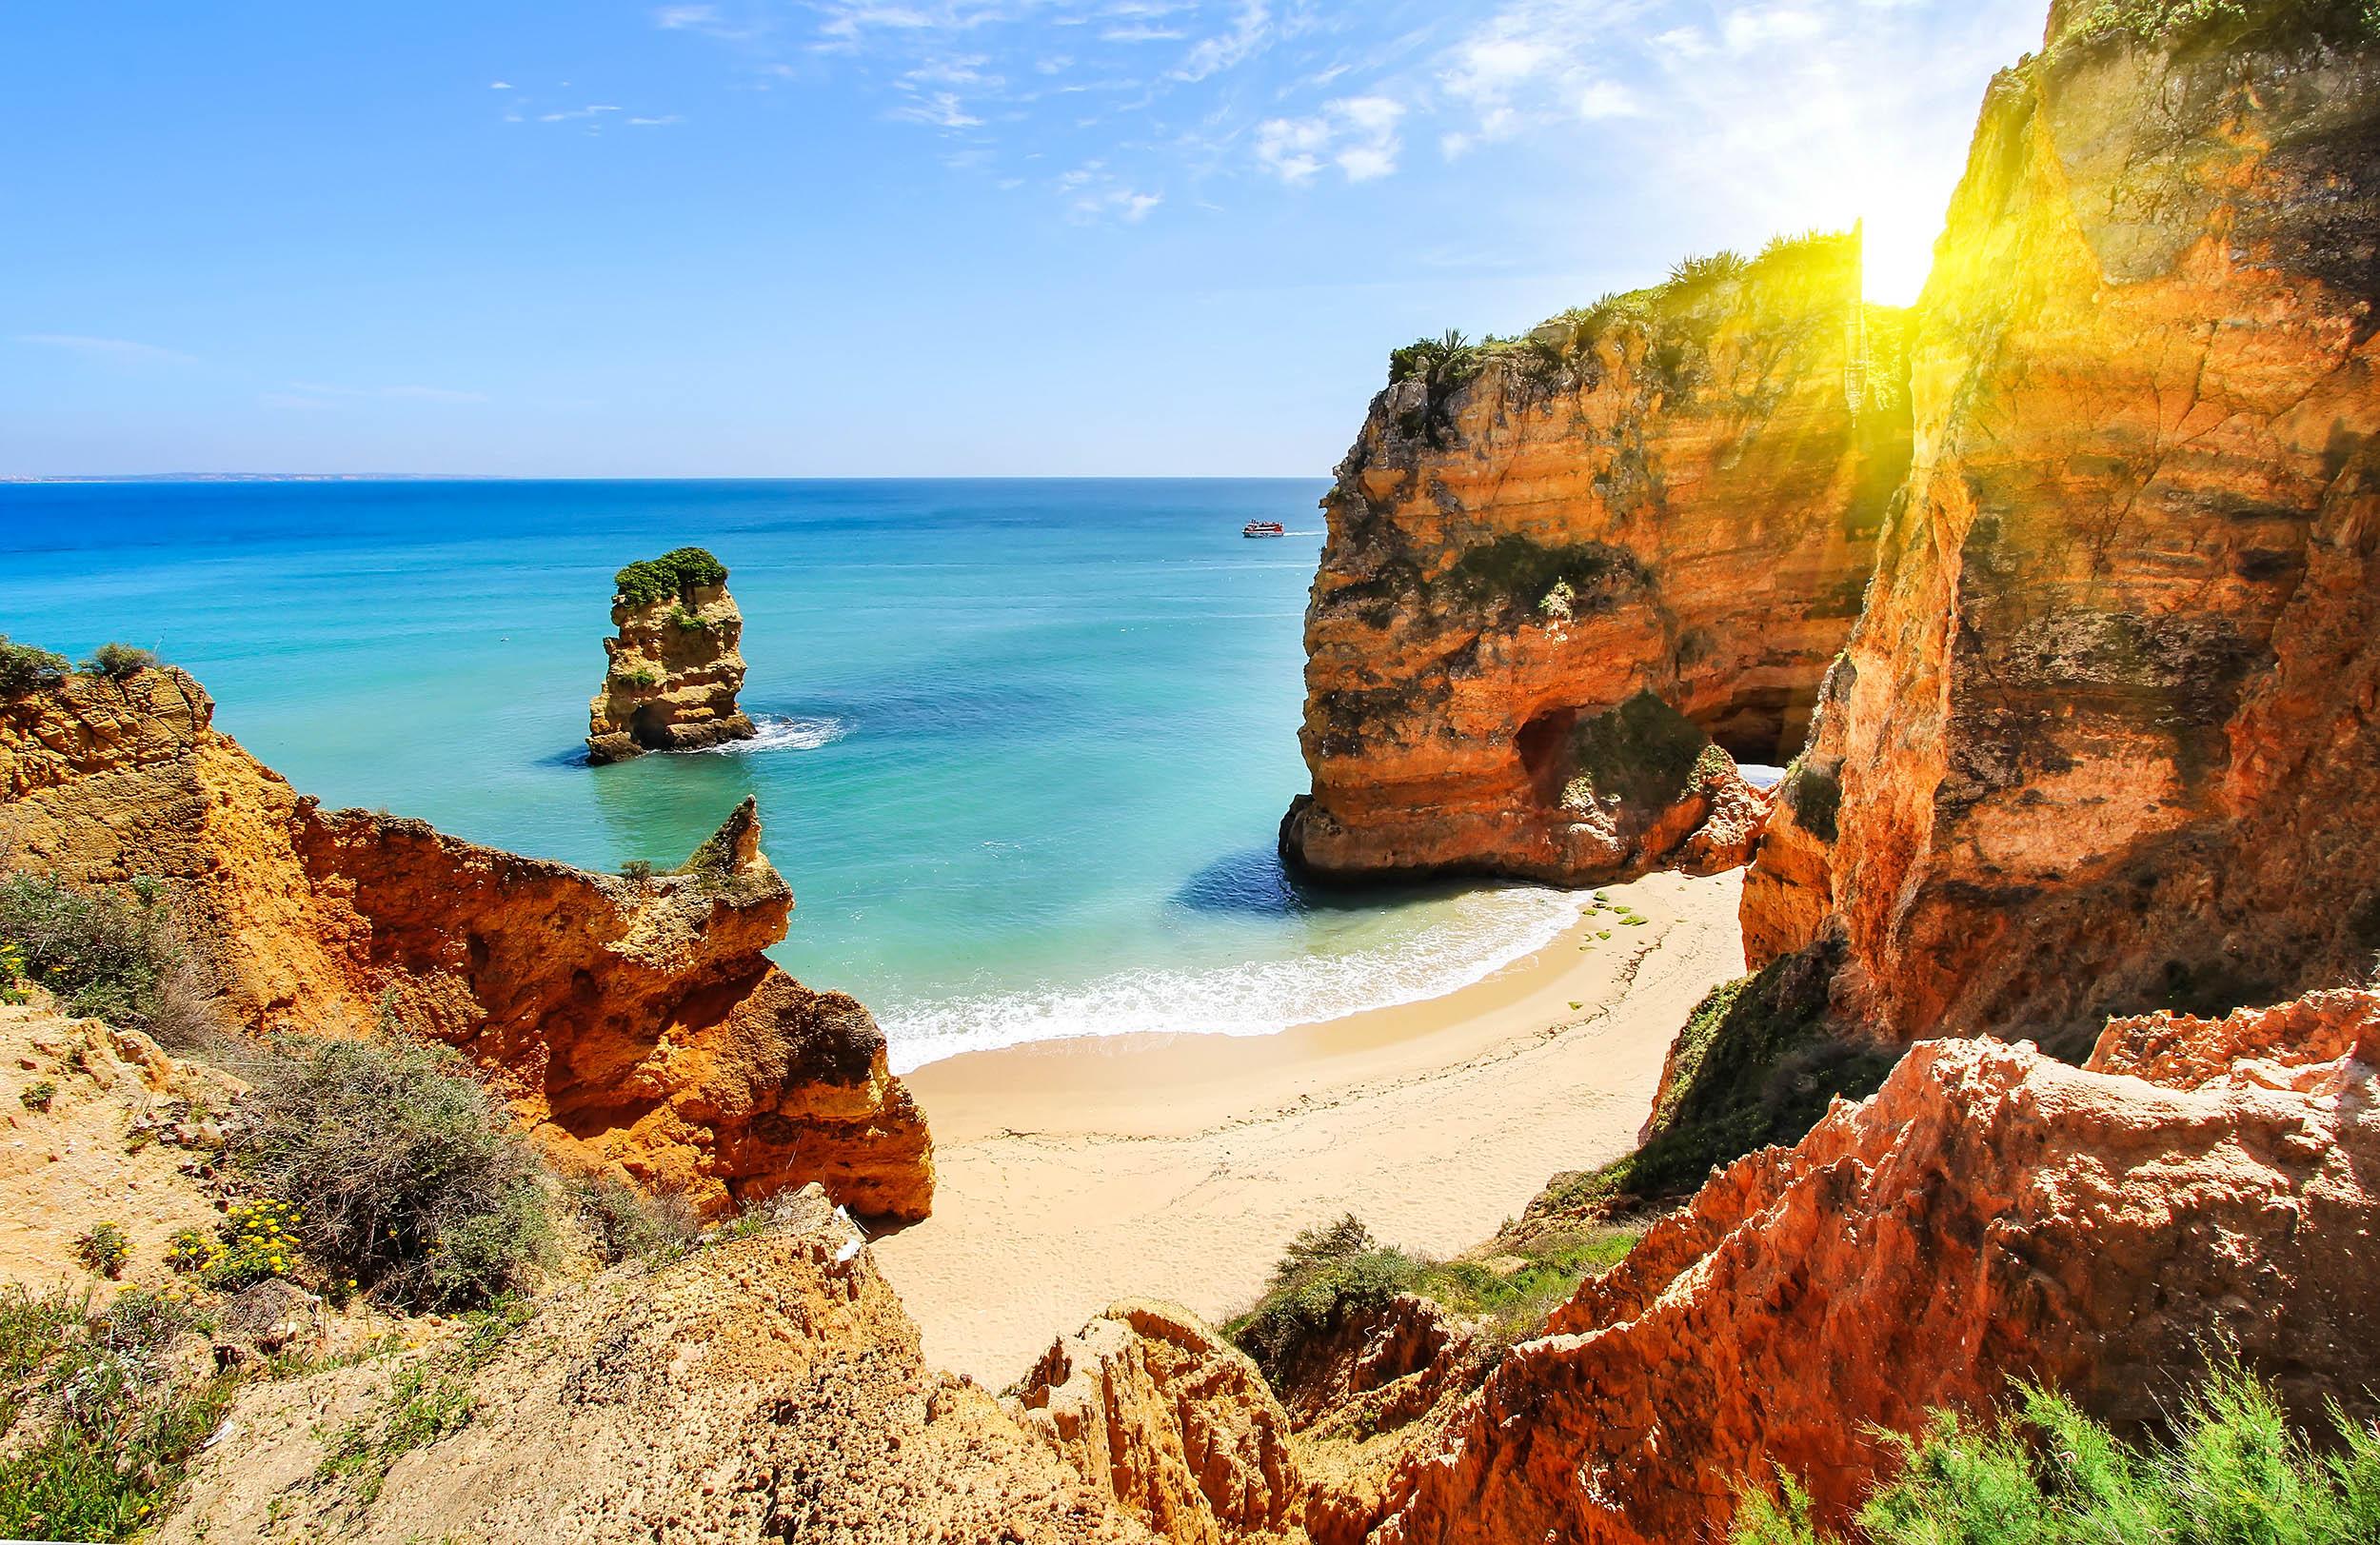 Công dân Bồ Đào Nha có quyền tự do đi lại trong 26 nước châu Âu